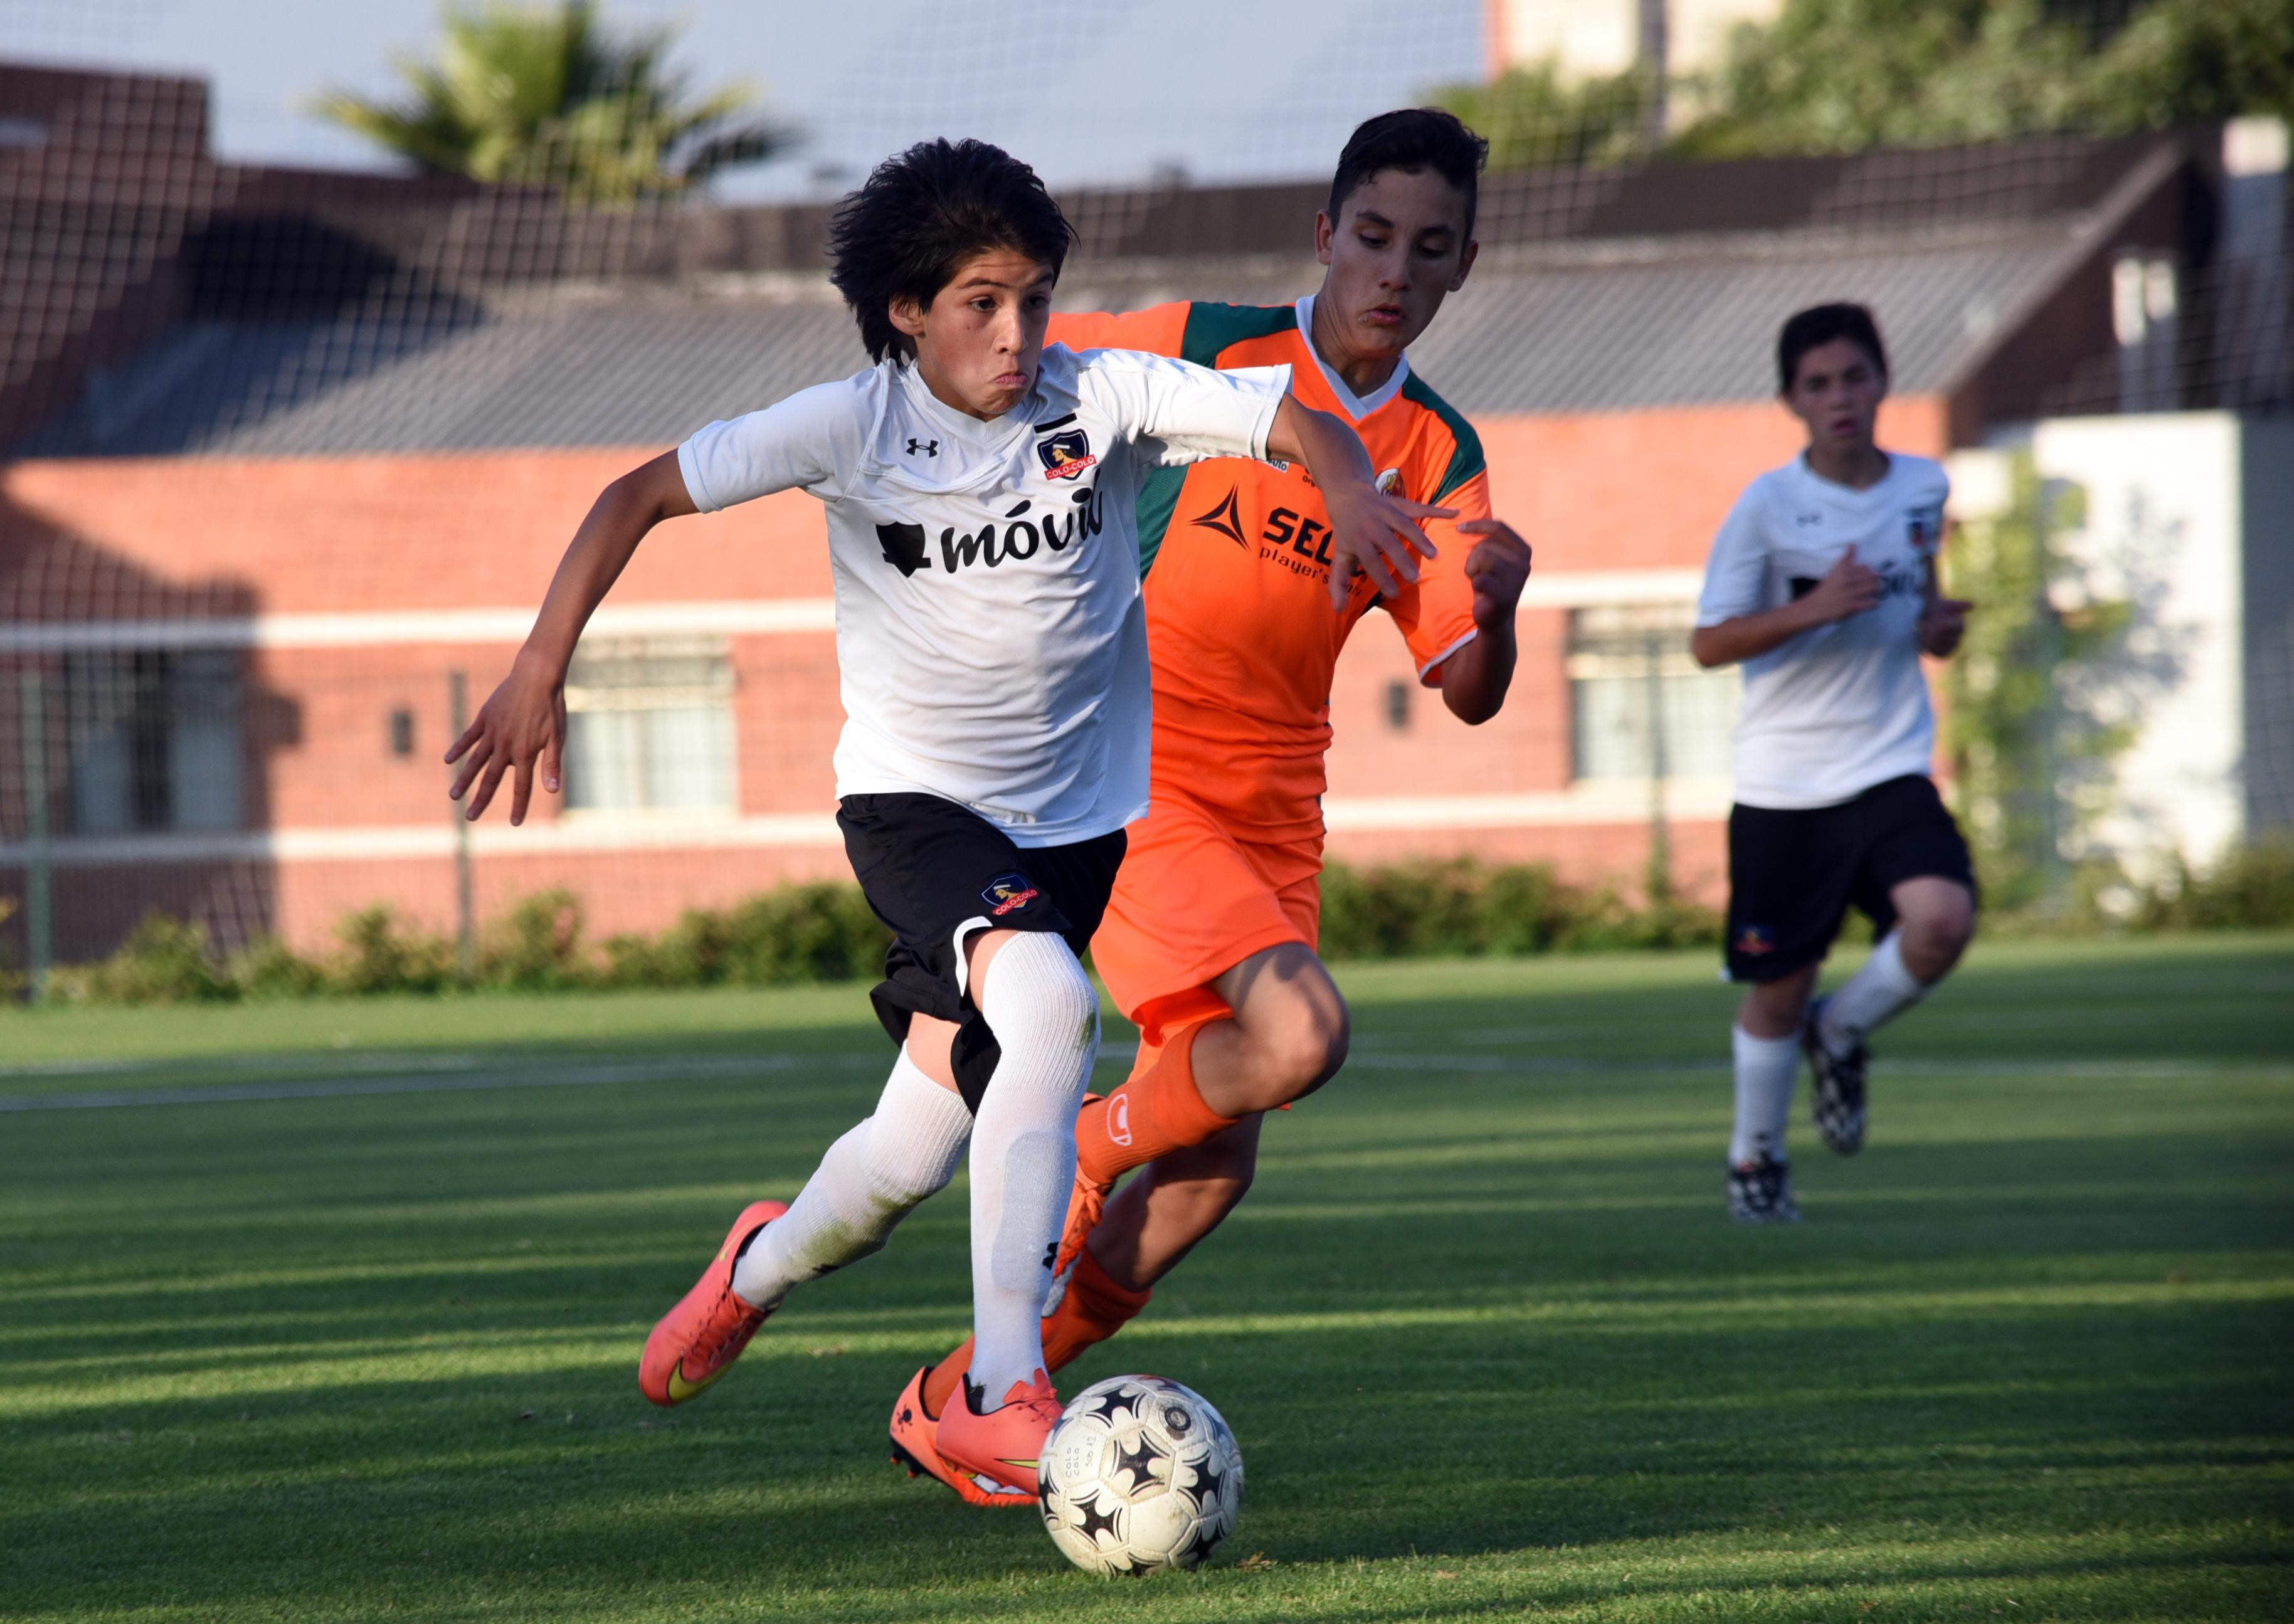 Colo-Colo U-12 team